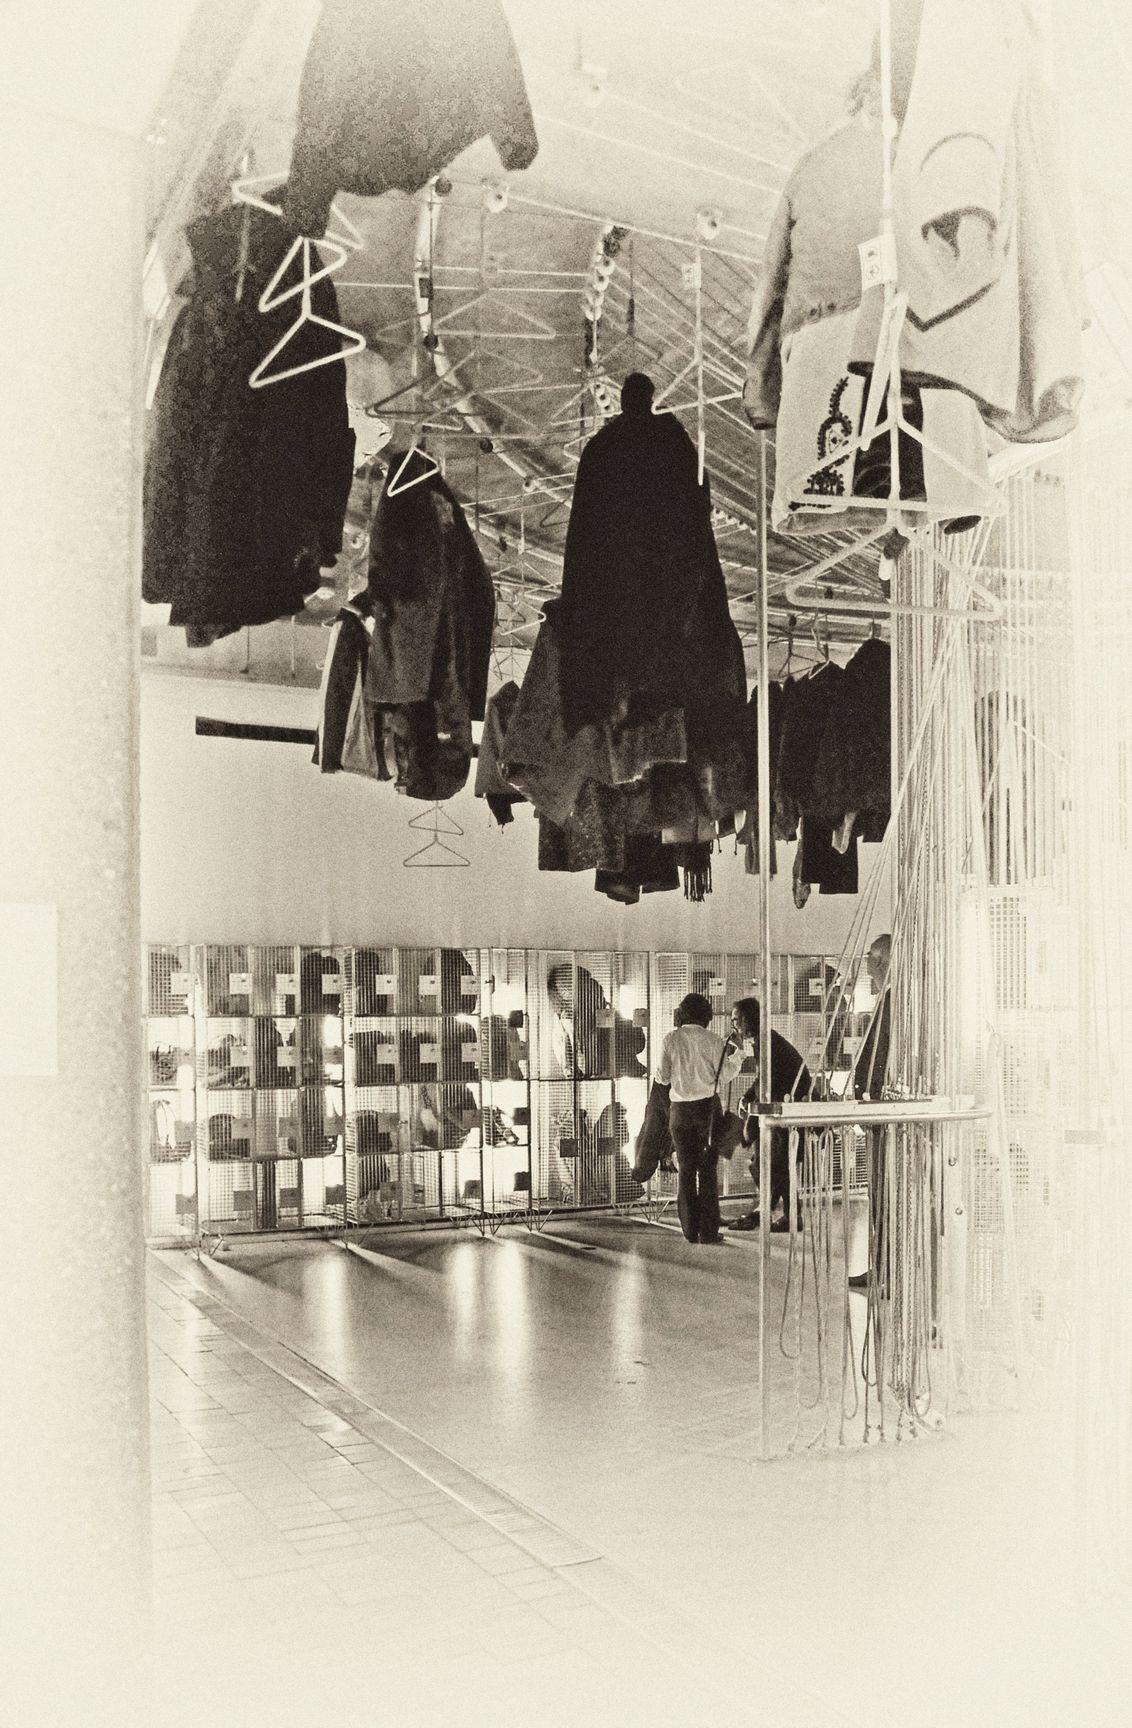 Ertsmijn Rammelsberg? - ROTTERDAM -  Nee . . .de entréé van Museum Boijmans van Beuningen.   . . . dit deed me denken aan de ertsmijn Rammelsberg (Harz Gorslar)    Ieder - foto door 1103 op 22-02-2019 - deze foto bevat: rotterdam, bewerkingsuitdaging, Museum Boijmans Van Beuningen, nostalgische sfeer